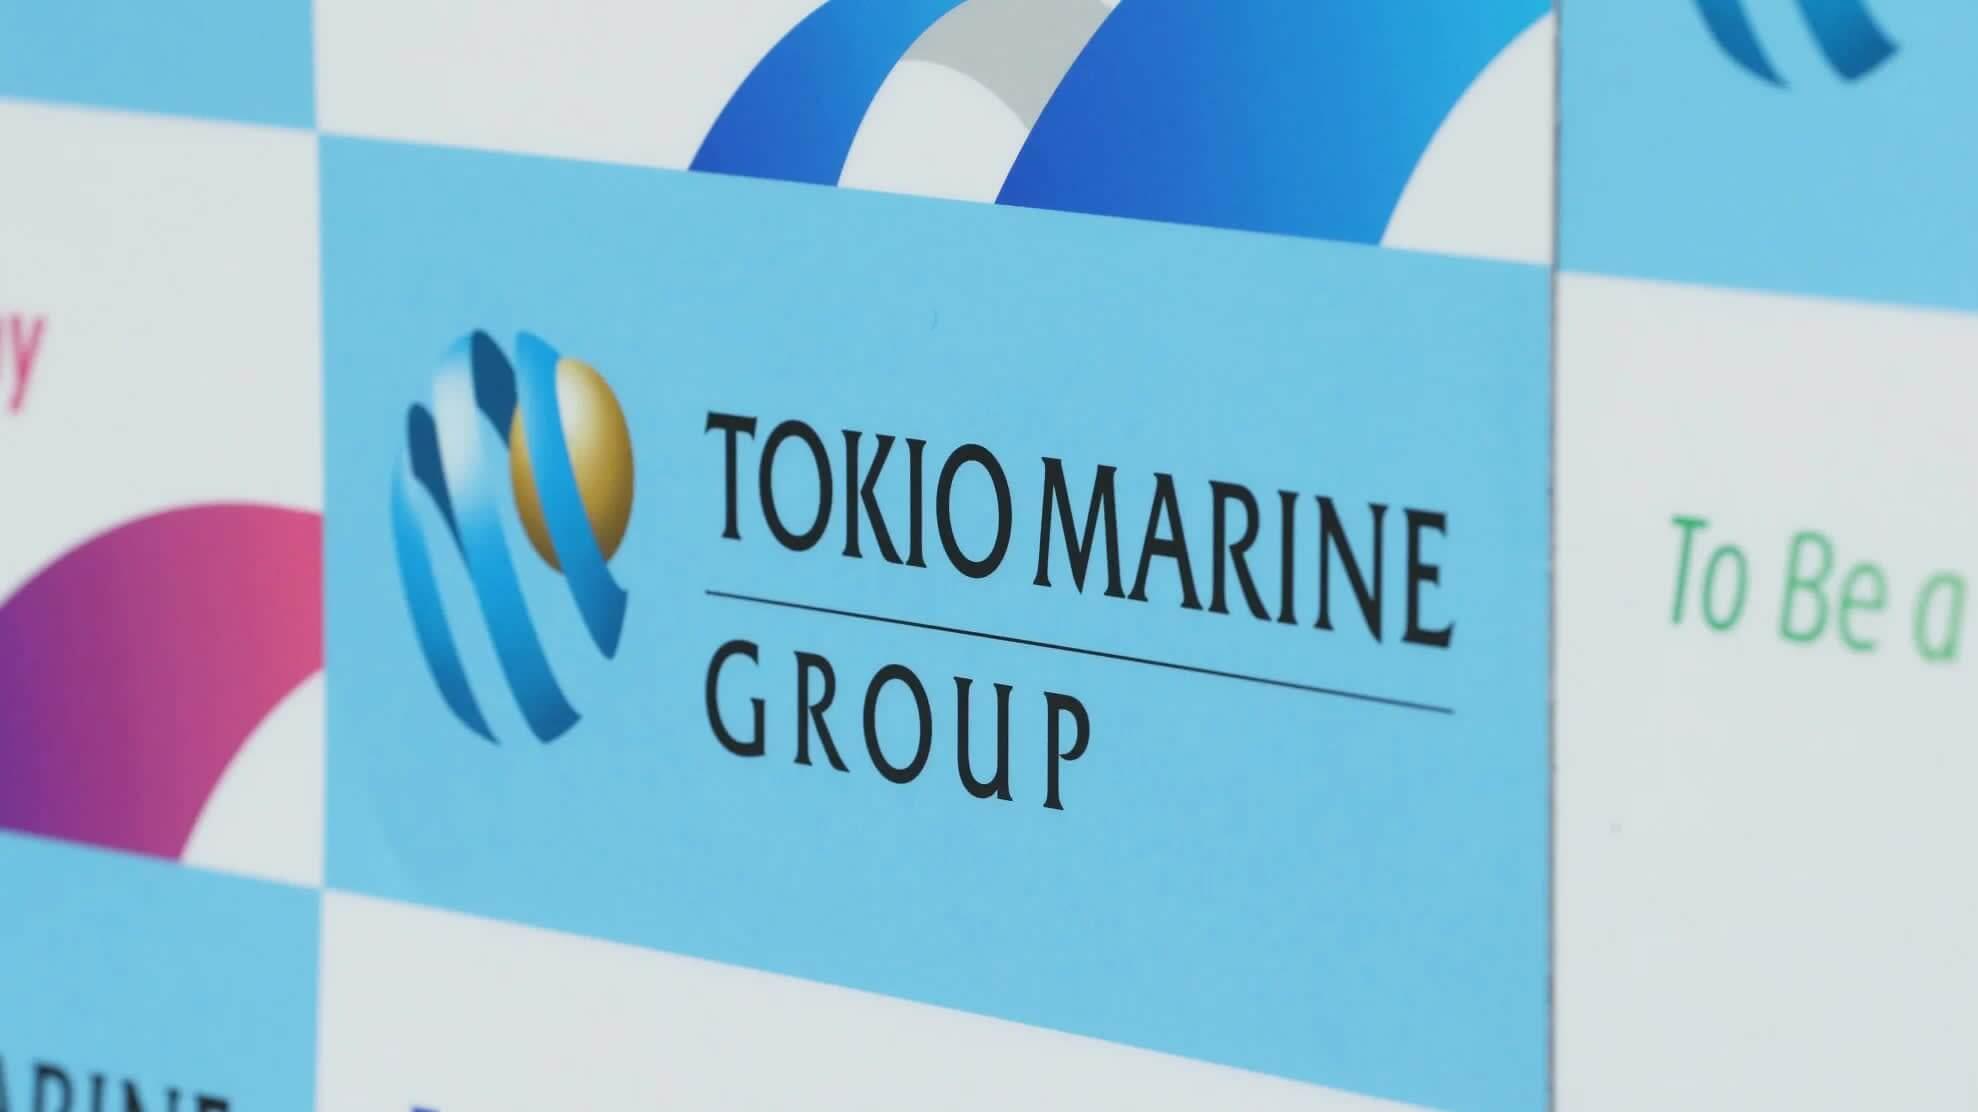 โตเกียวมารีนฯ จับมือผู้นำเทคฯญุี่ปุ่น เปิดตัวผู้ช่วย Ai ตอบคำถามคอลเซ็นเตอร์ – การเงิน